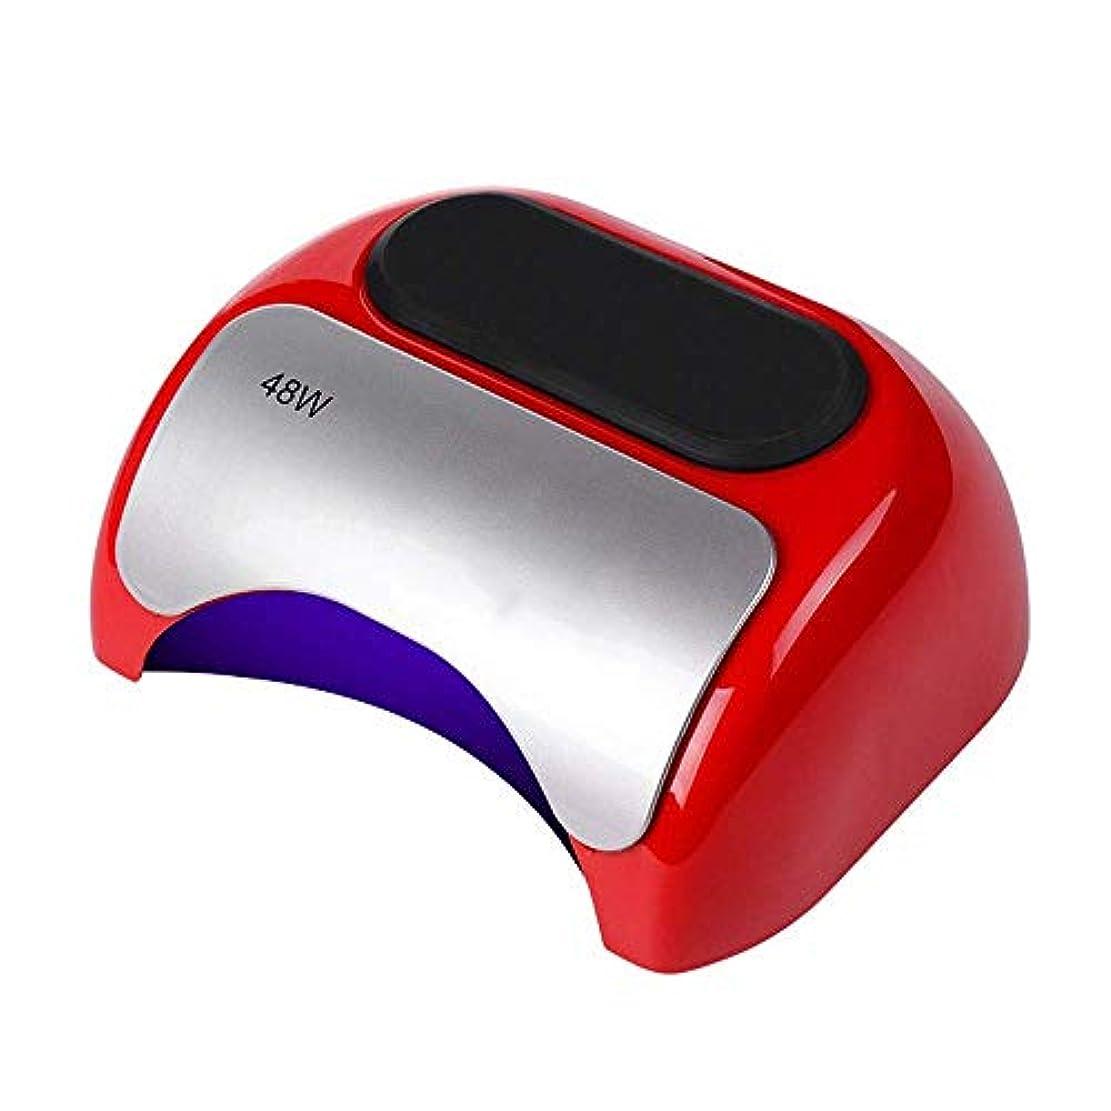 ルートアデレード平らなDHINGM ネイルランプ、快適な非UVホワイトライト、目を傷つけることはありません、48W電源、15 UV + LEDデュアルLED光源、耐久性に優れたインテリジェントな自動センシングは、爪を傷つけることはありません